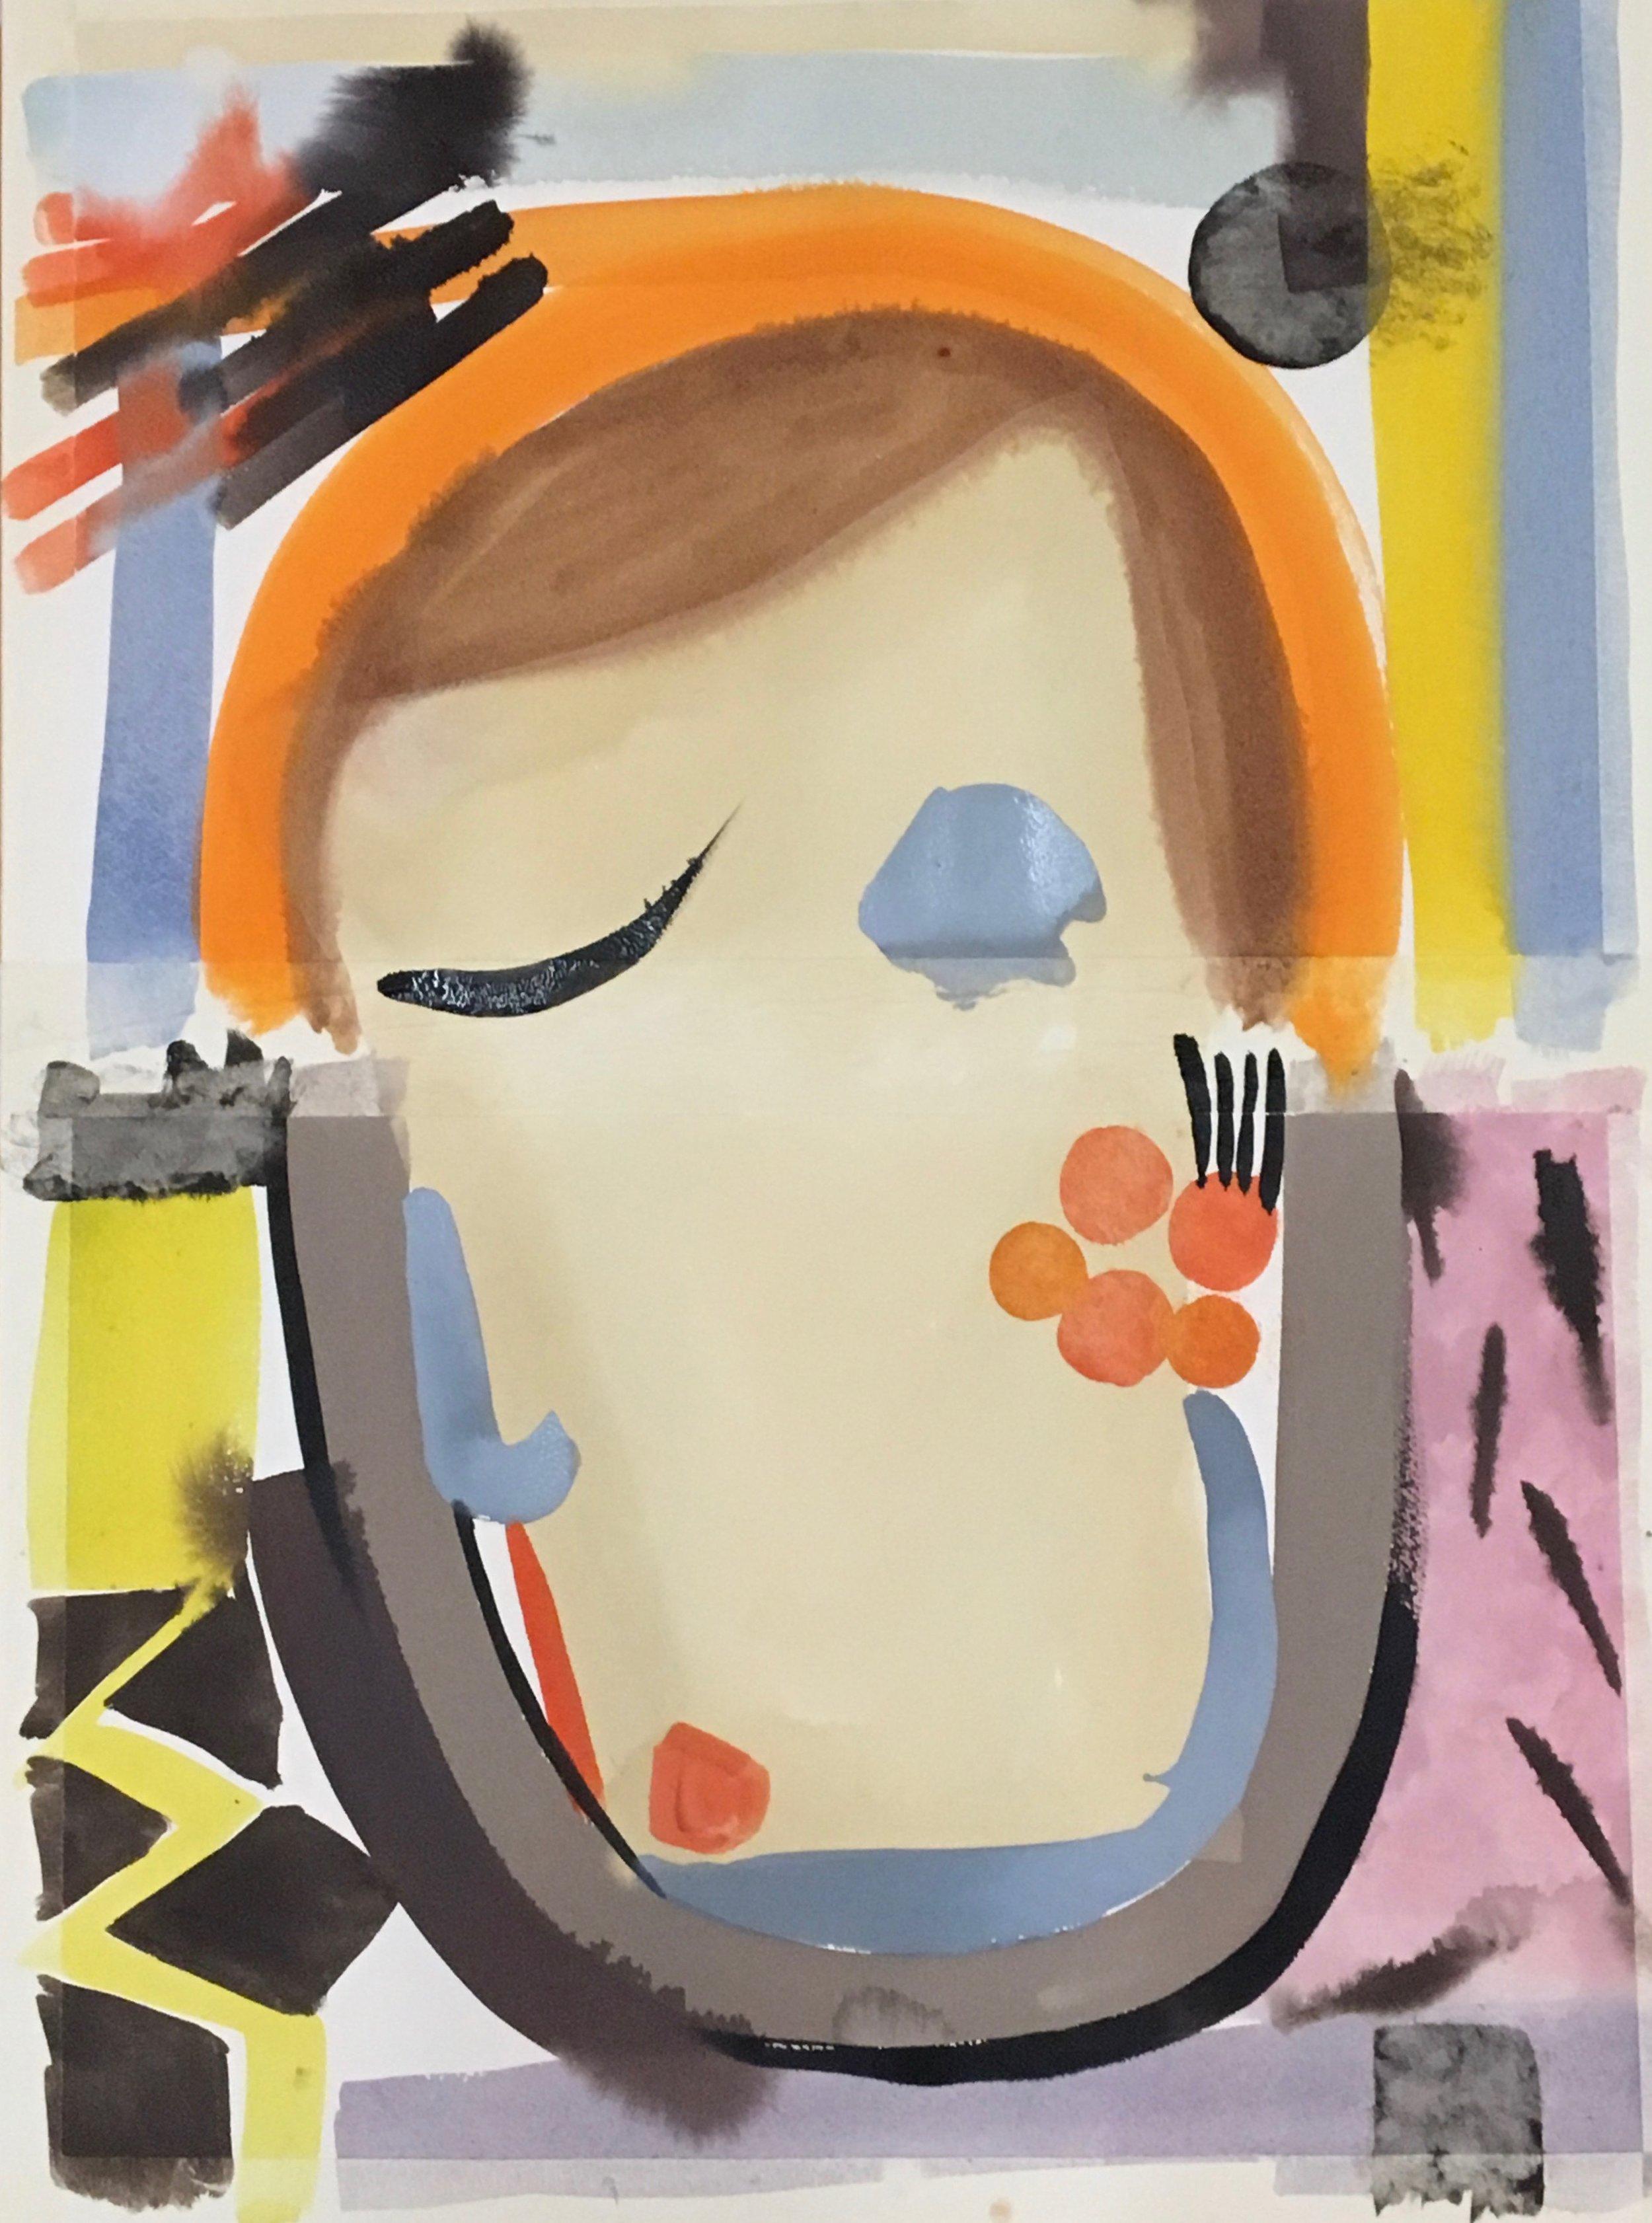 Contemplation: Homage to Bonnard 3, 2019, gouache on paper, 65 x 45 cm